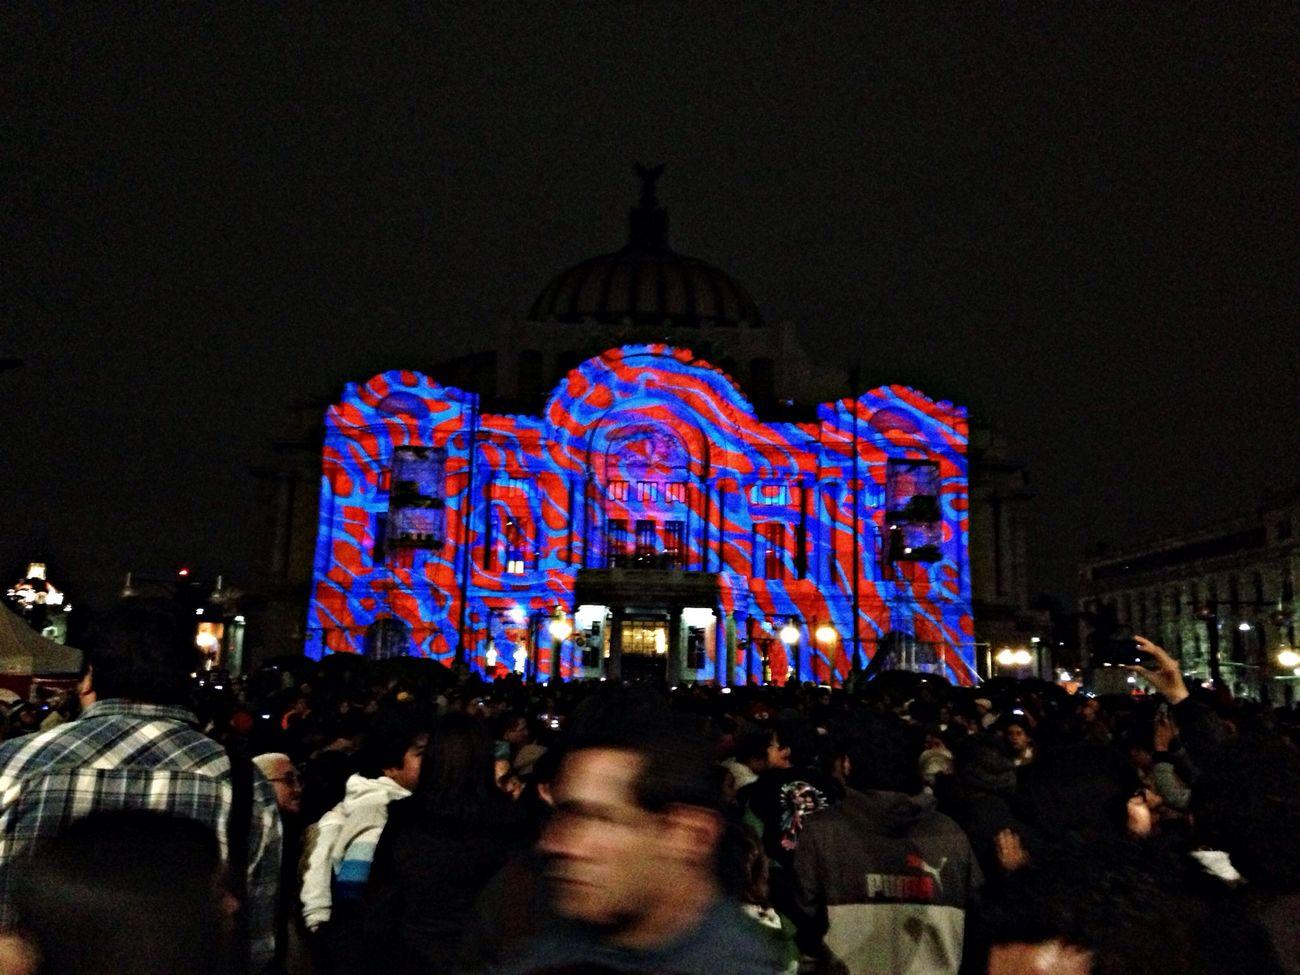 Filux Festival Internacional de las luces